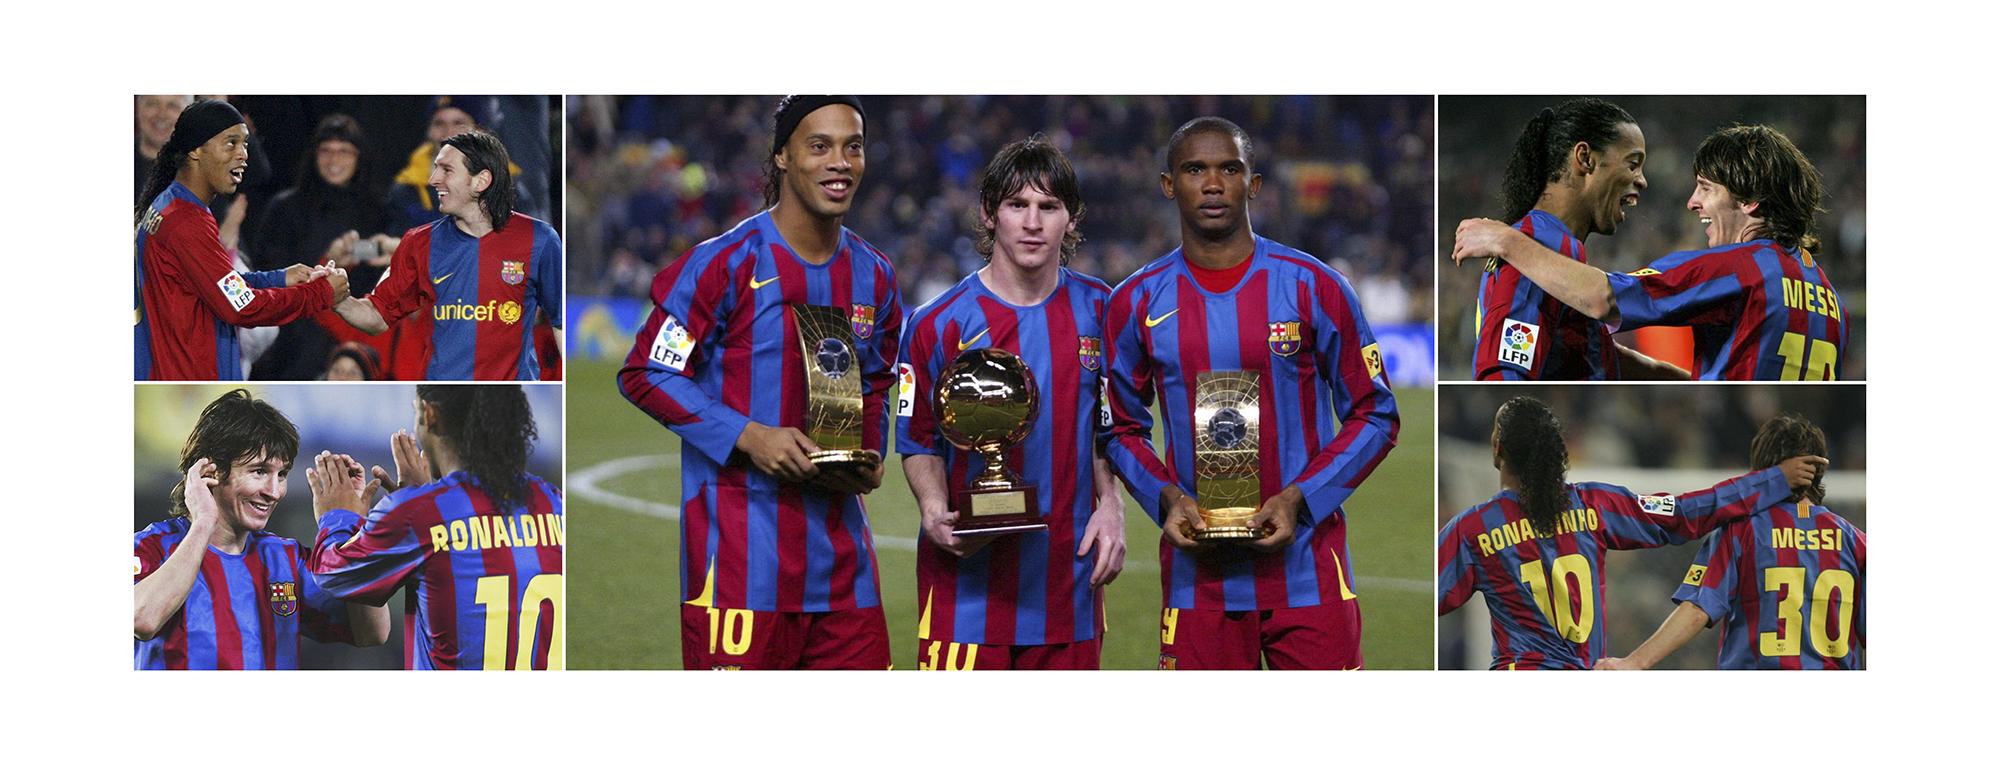 Bóng đá là hành trình thỏa niềm vui: Thế giới từng có một Ronaldinho như thế - Ảnh 19.